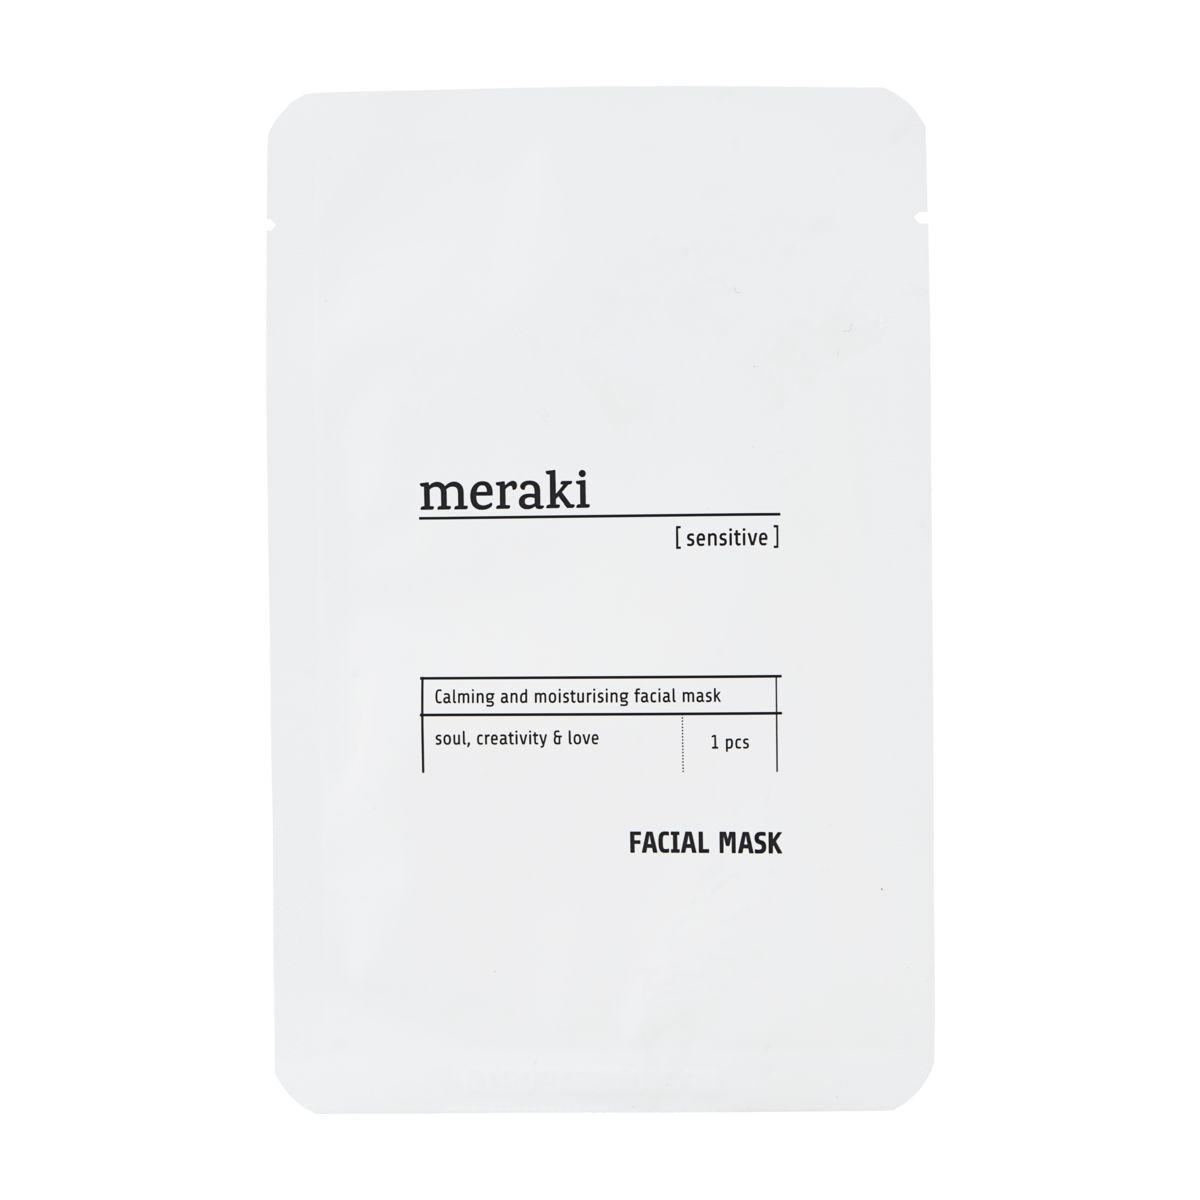 meraki Textilní pleťová maska pro citlivou pleť, bílá barva, textil